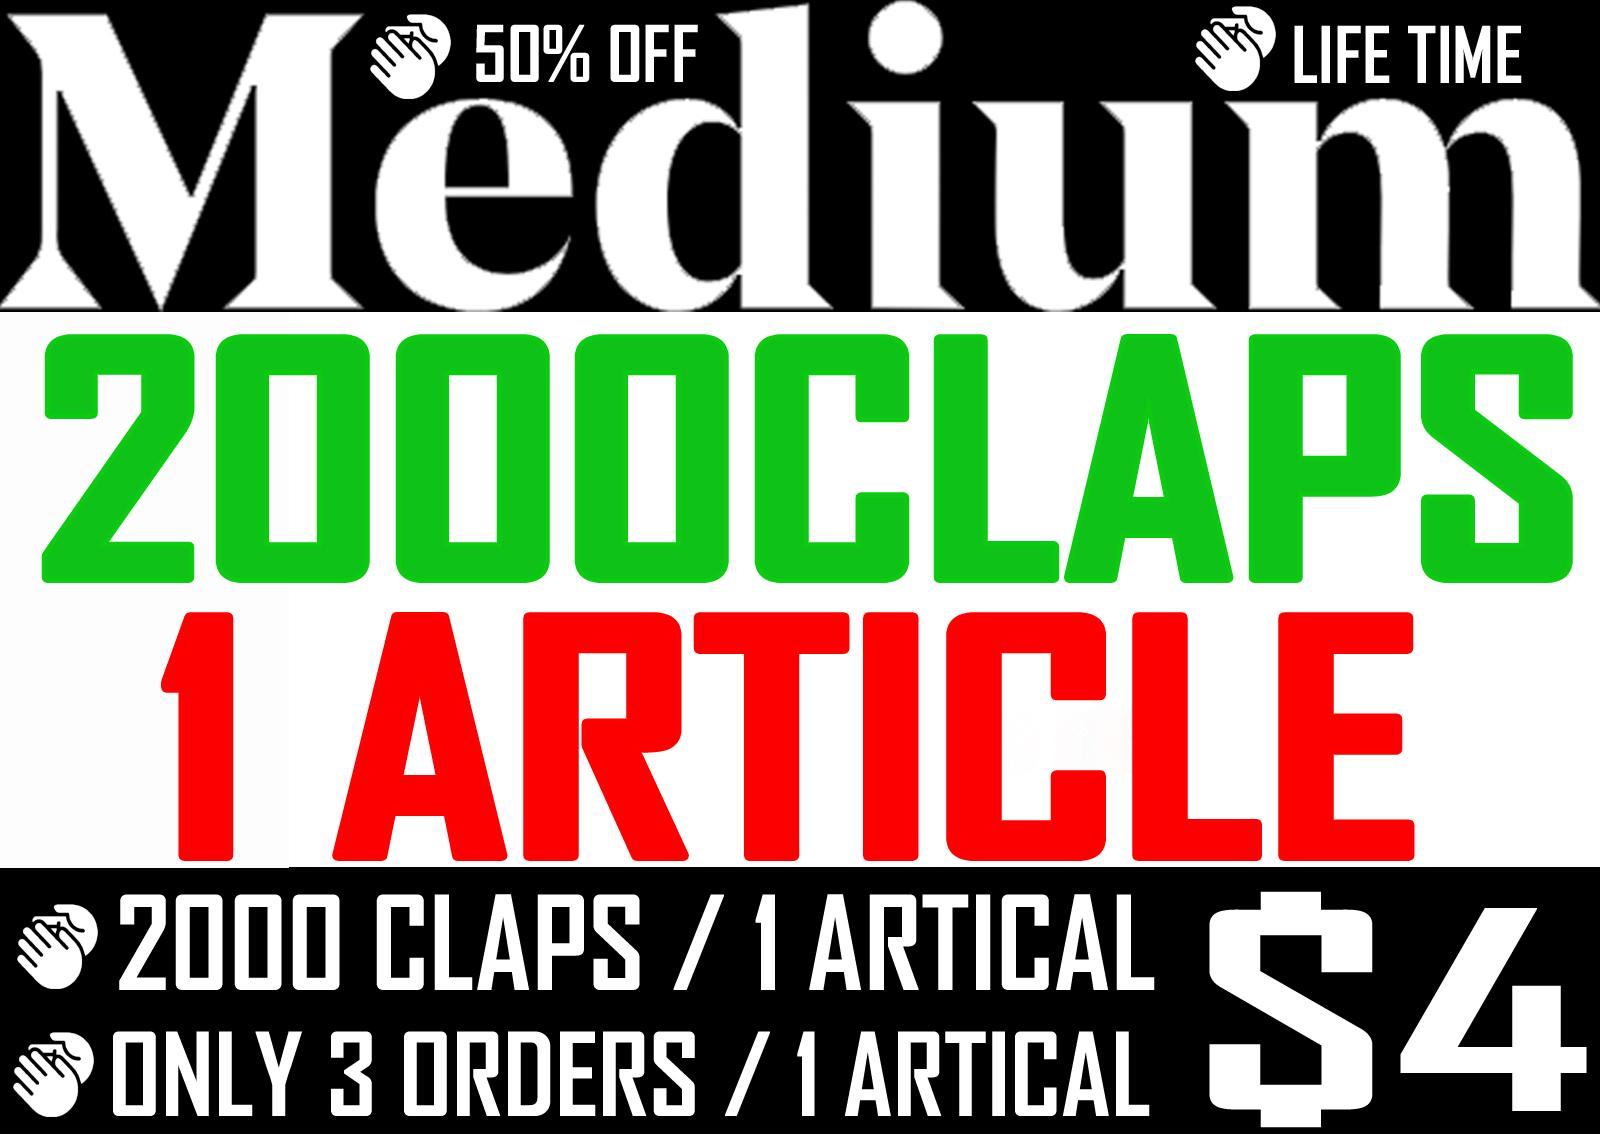 Buy 2000 Medium Claps